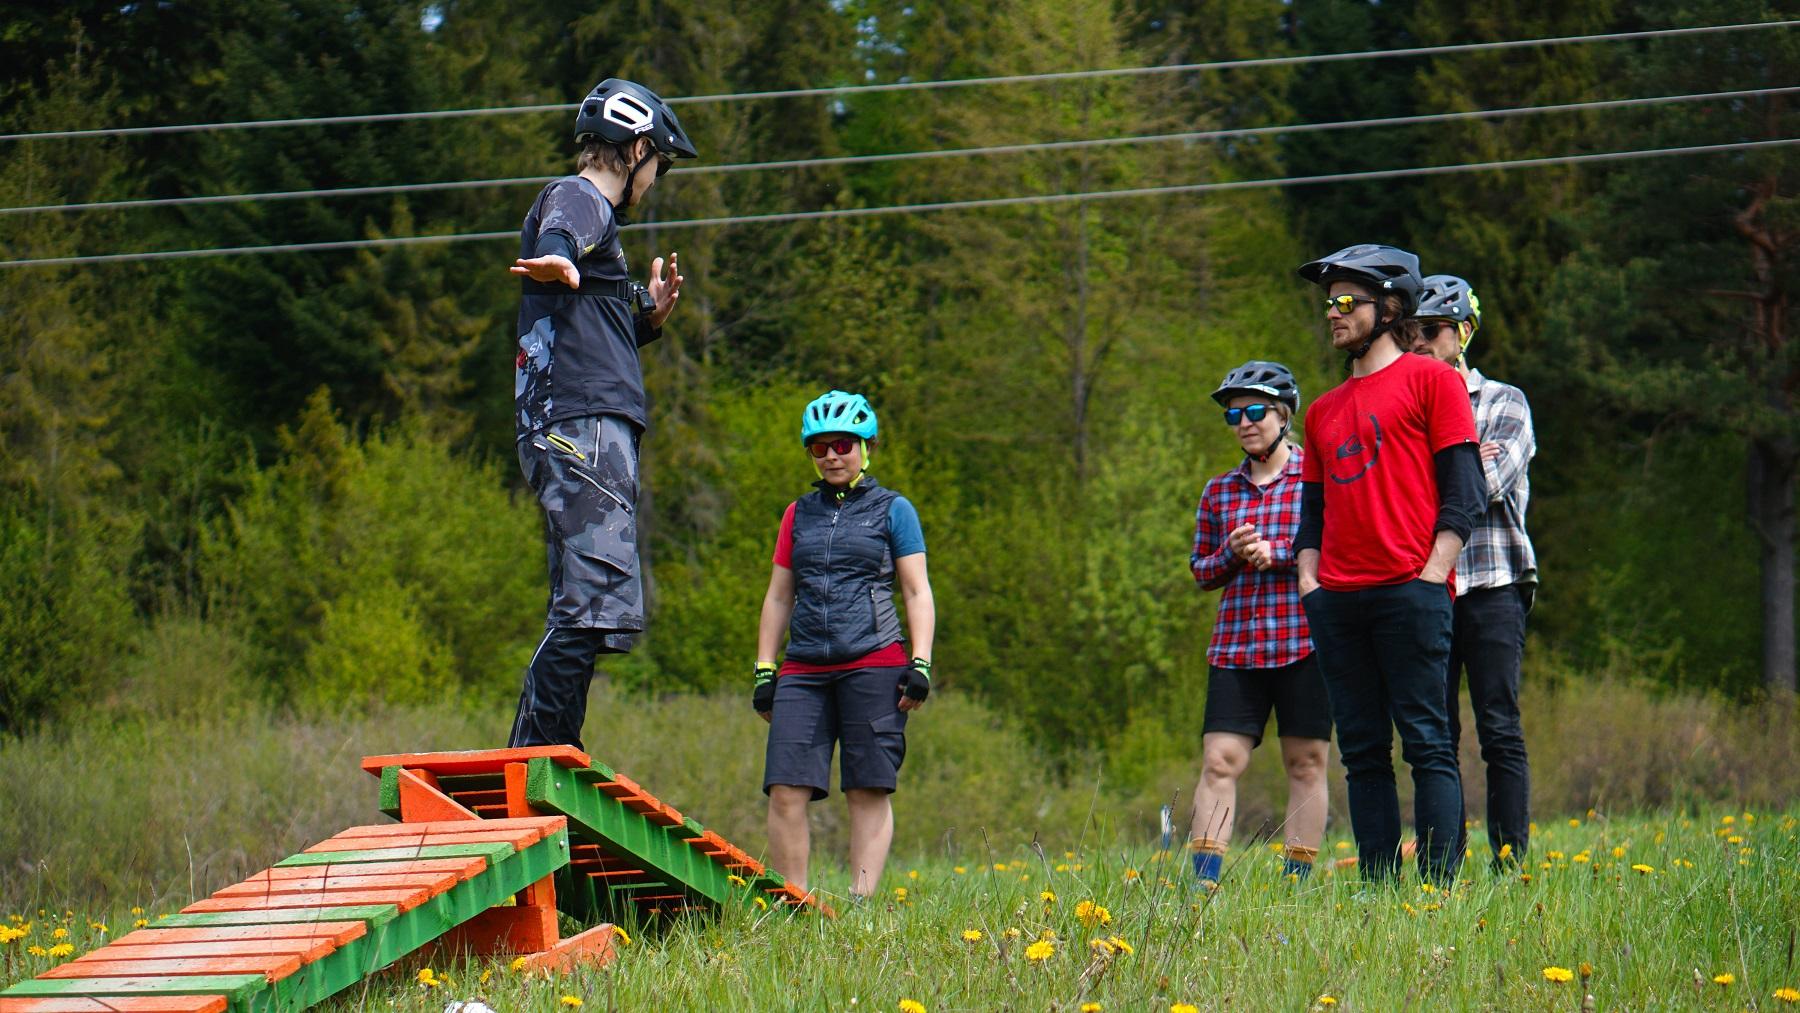 bike-škola-cyklokemp-tybike-13